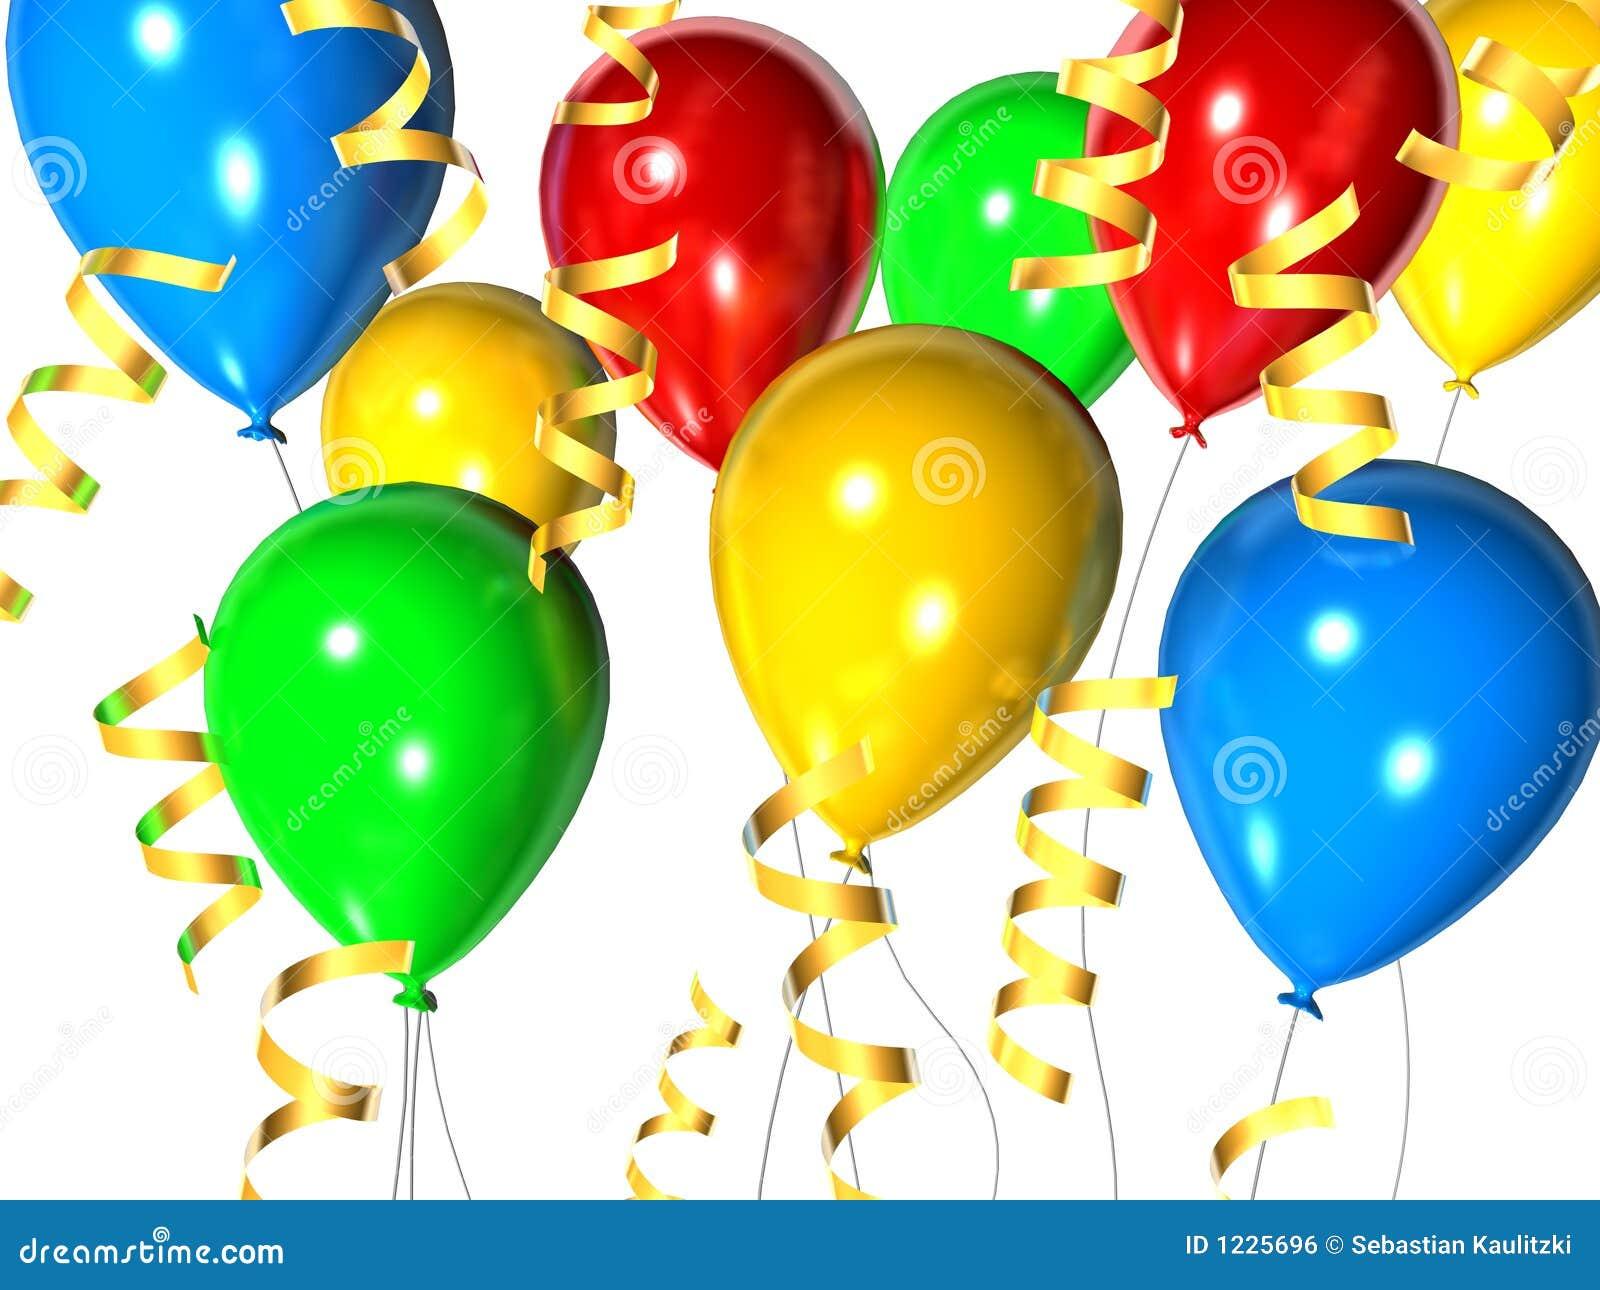 Celebration Balloons Royalty Free Stock Image - Image: 1225696